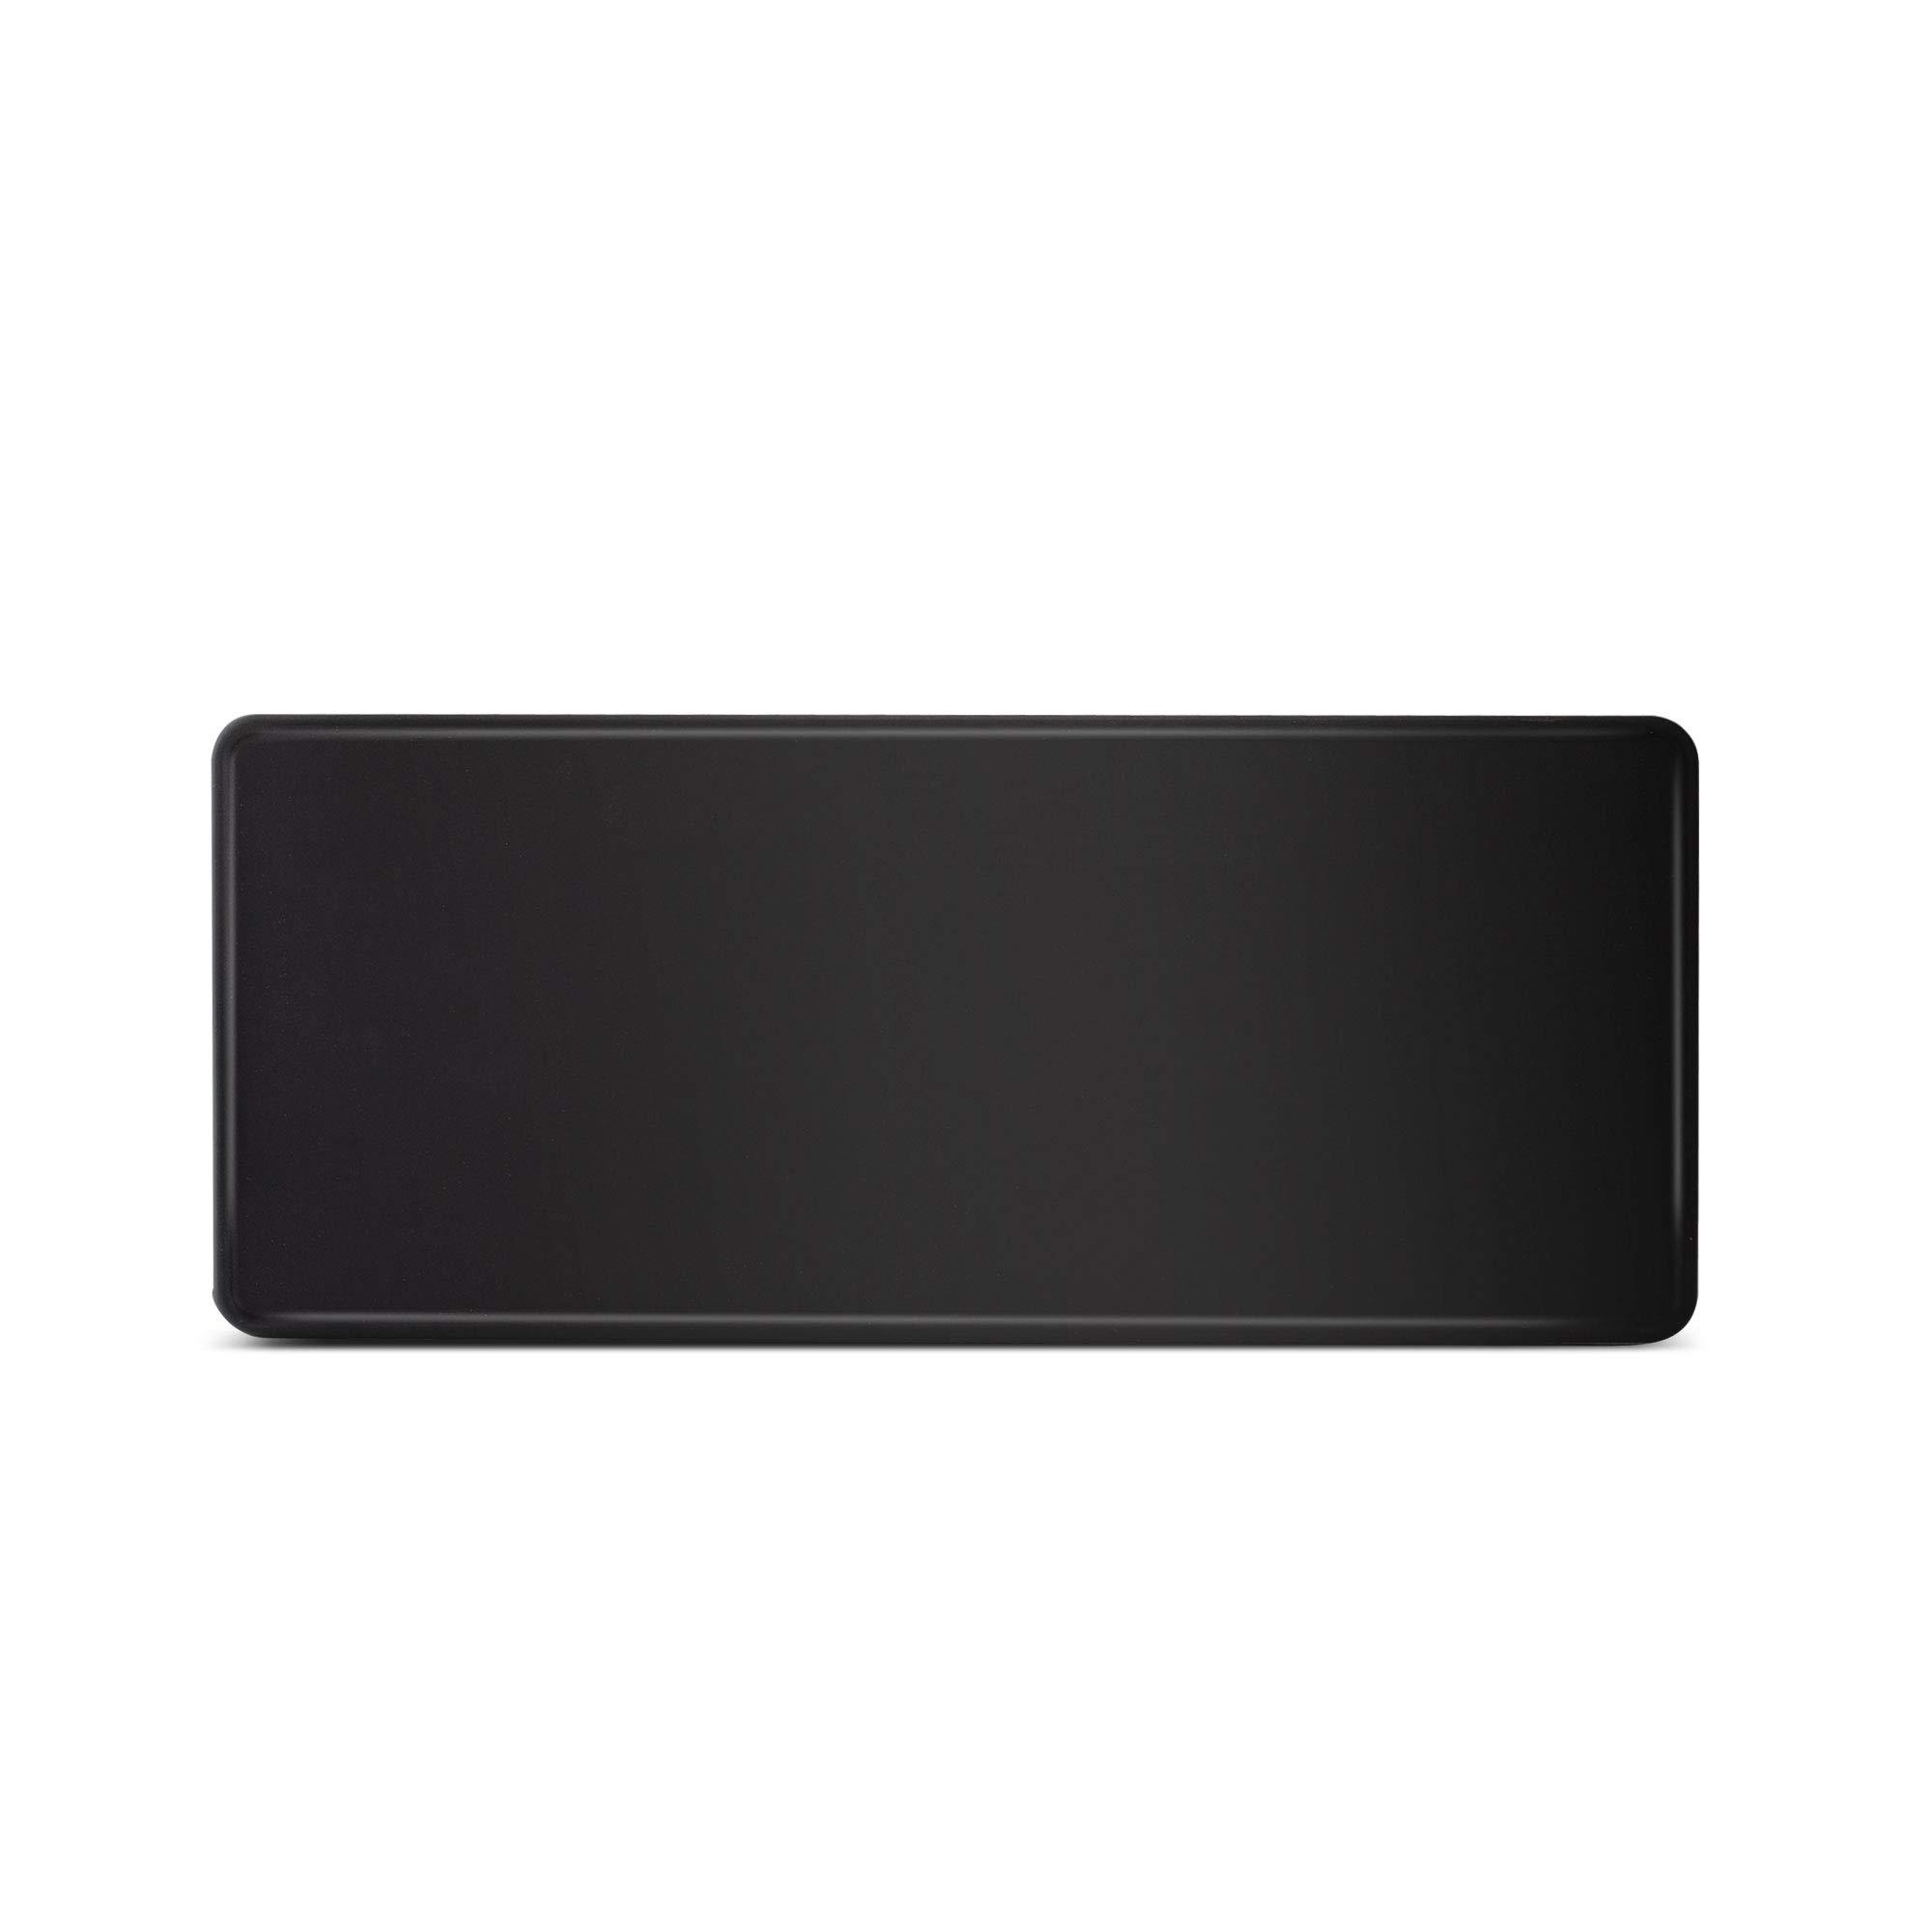 Espresso Parts EP6030A Barista Basics Rectangular NBR Rubber Tamping Mat, 5X12'', Black by EspressoParts